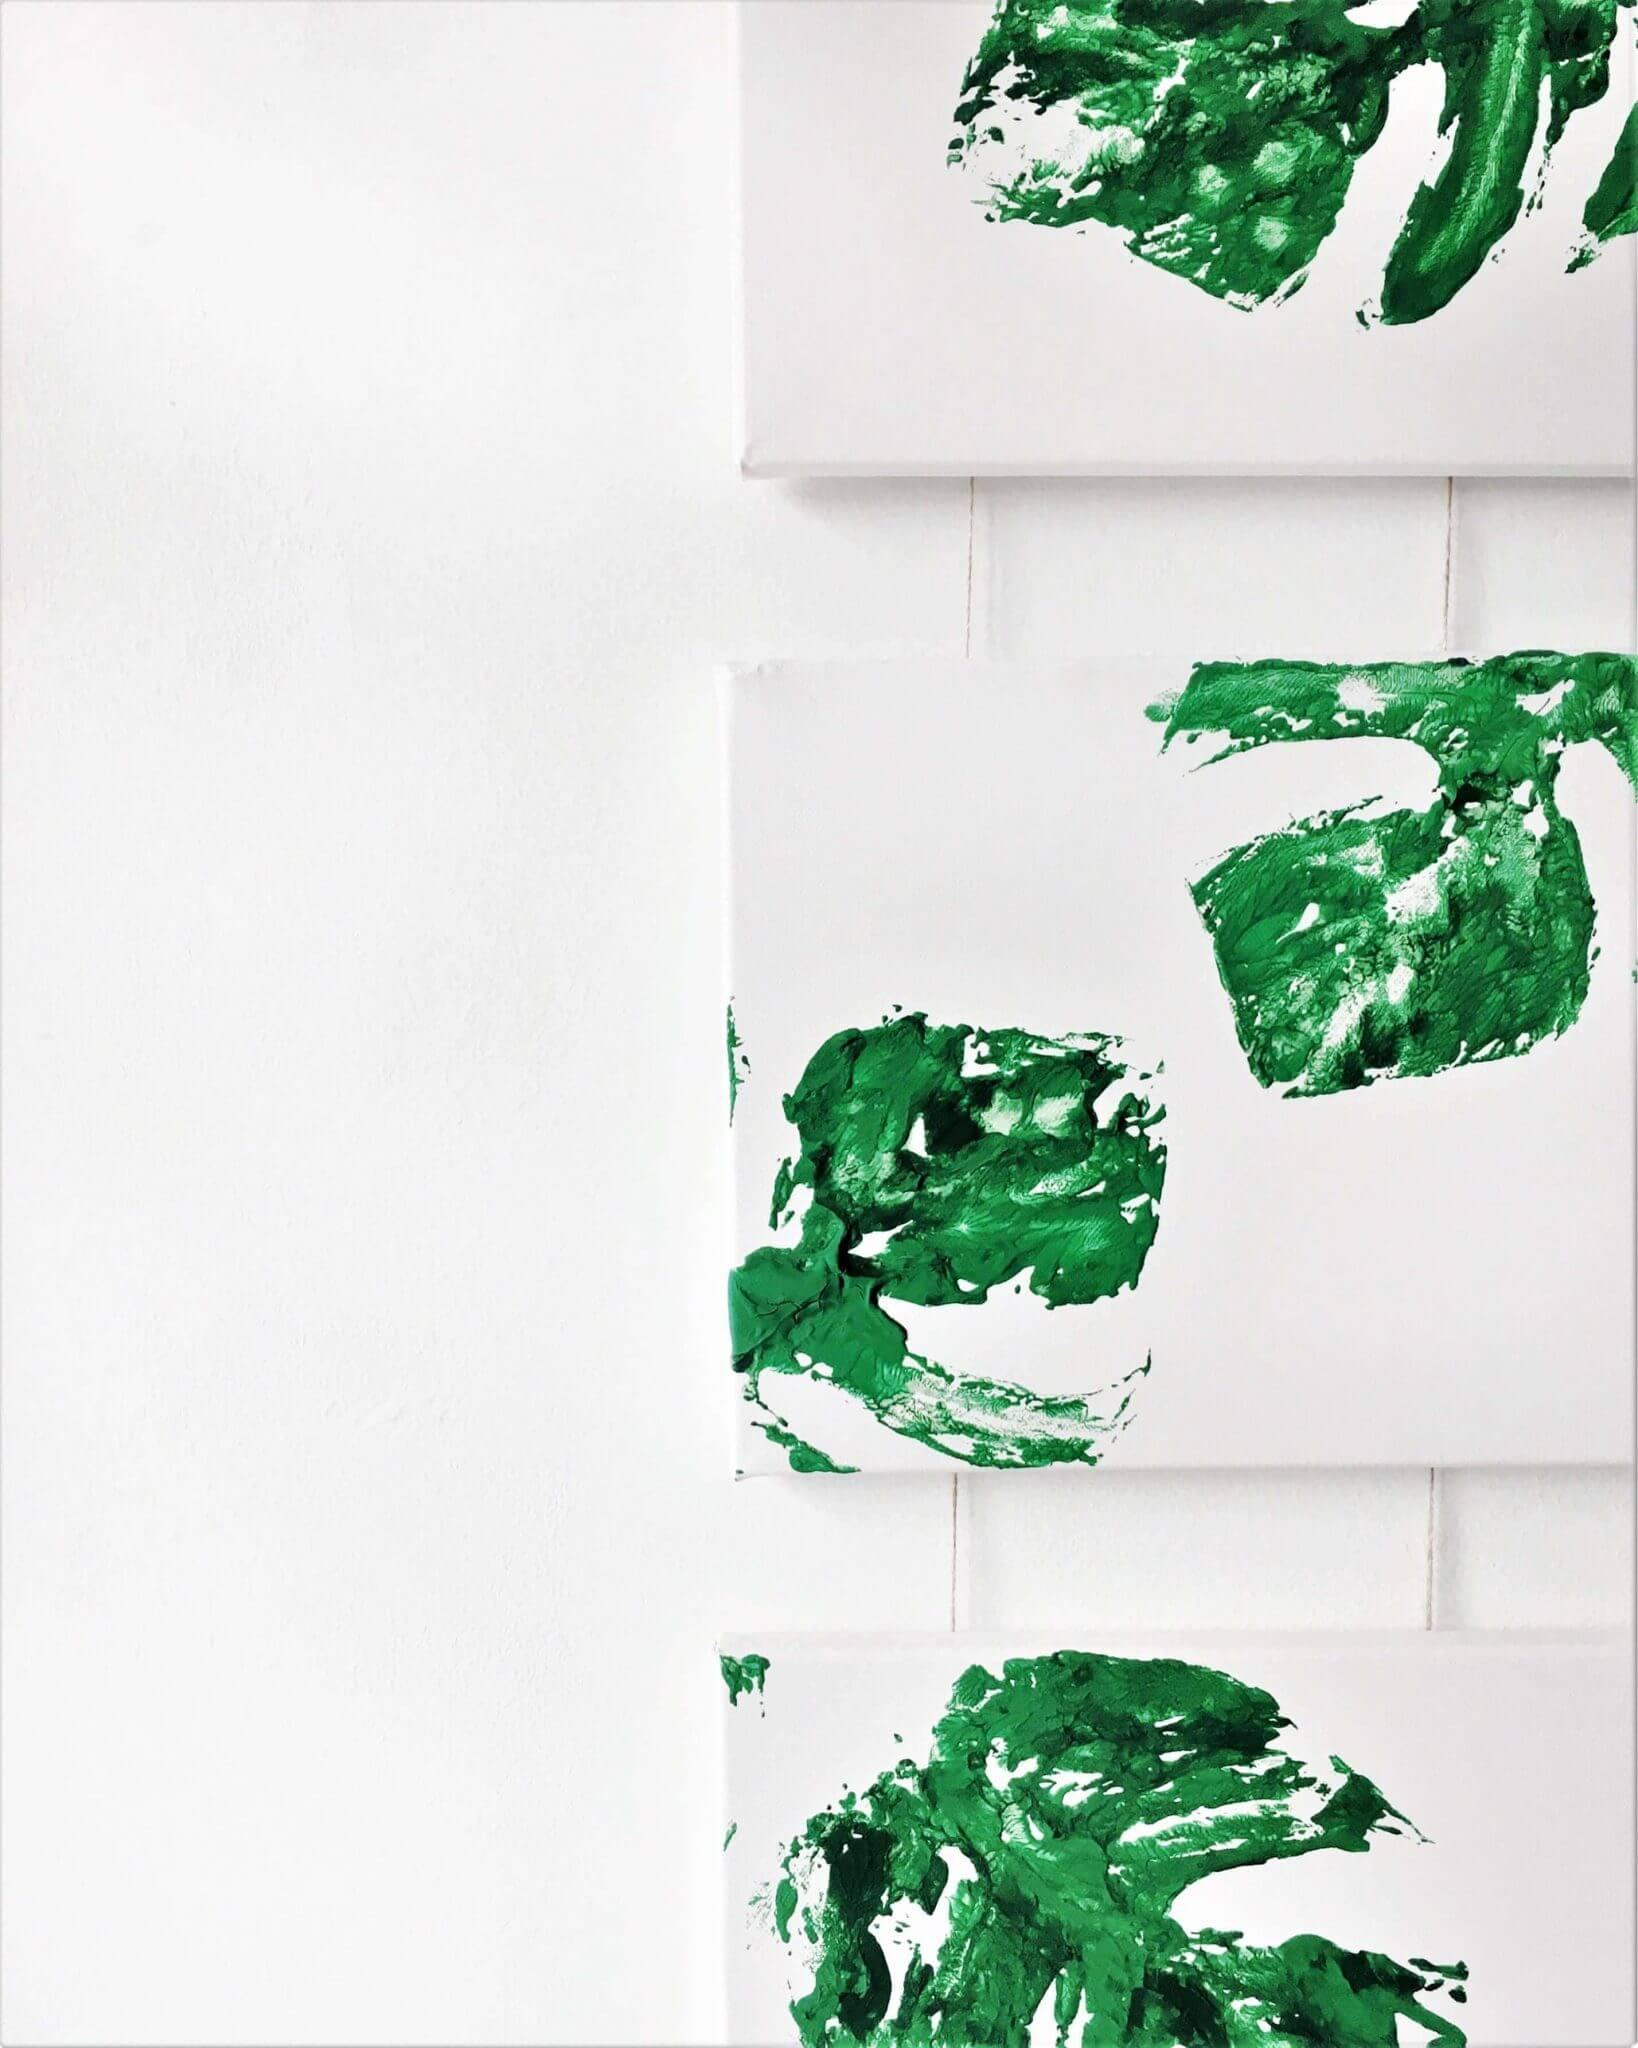 IMG E2581 - Das ist eine Idee! Macht euch eine Wanddekoration im botanischen Stil